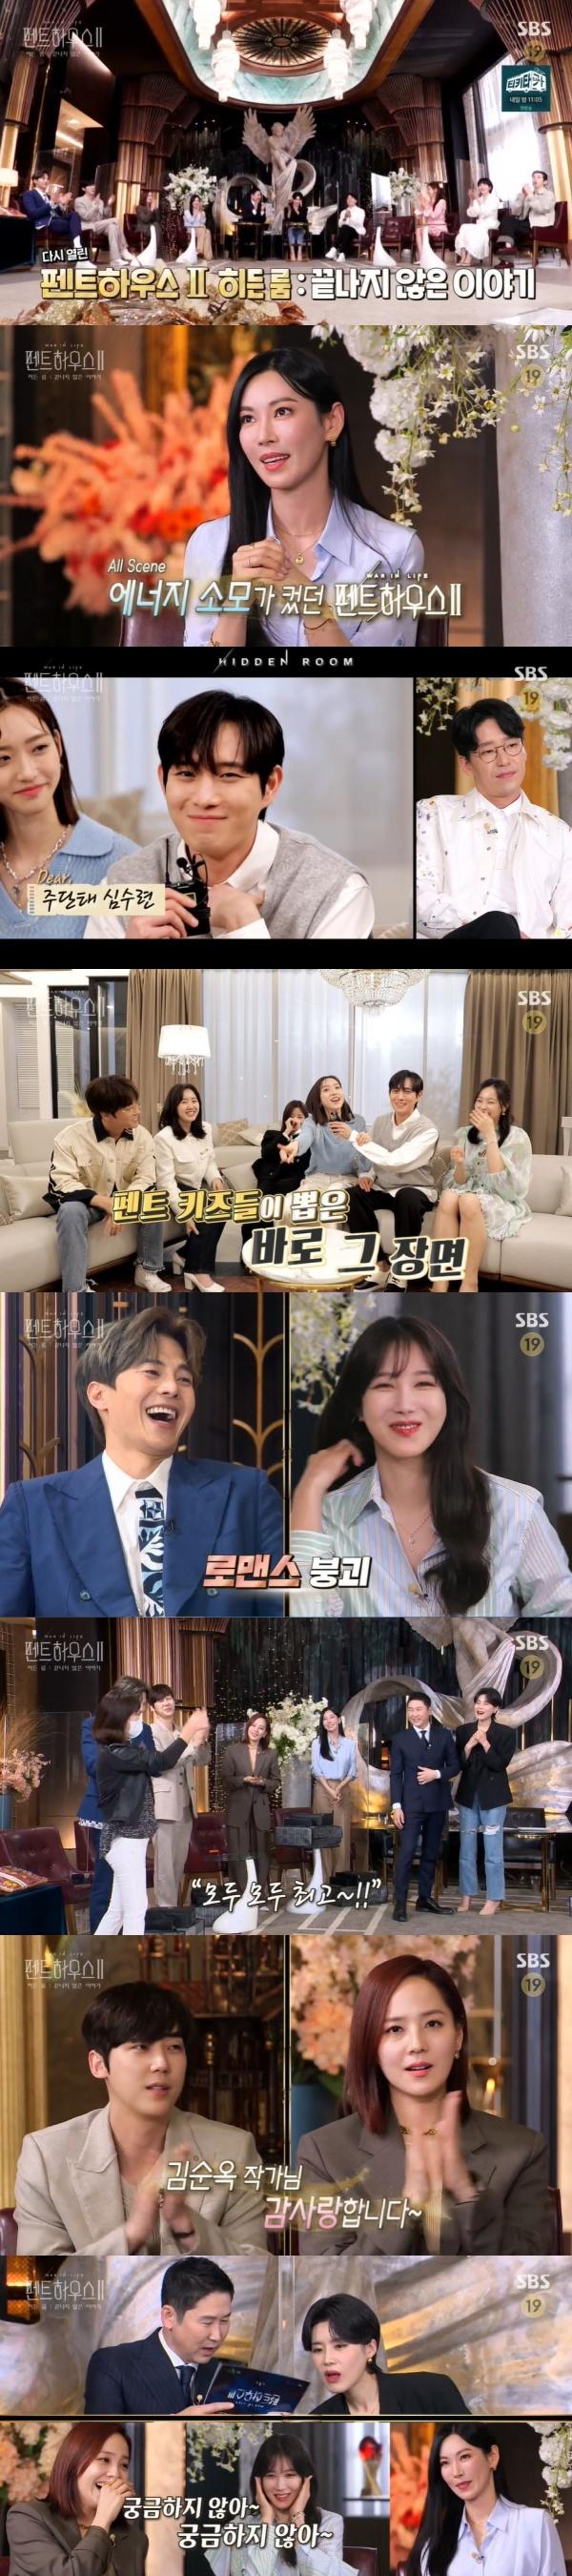 [종합] `펜트 하우스 2 히든 룸 : 미완성 이야기`시즌 3 기대 ↑ … 김순옥 작가 깜짝 방문